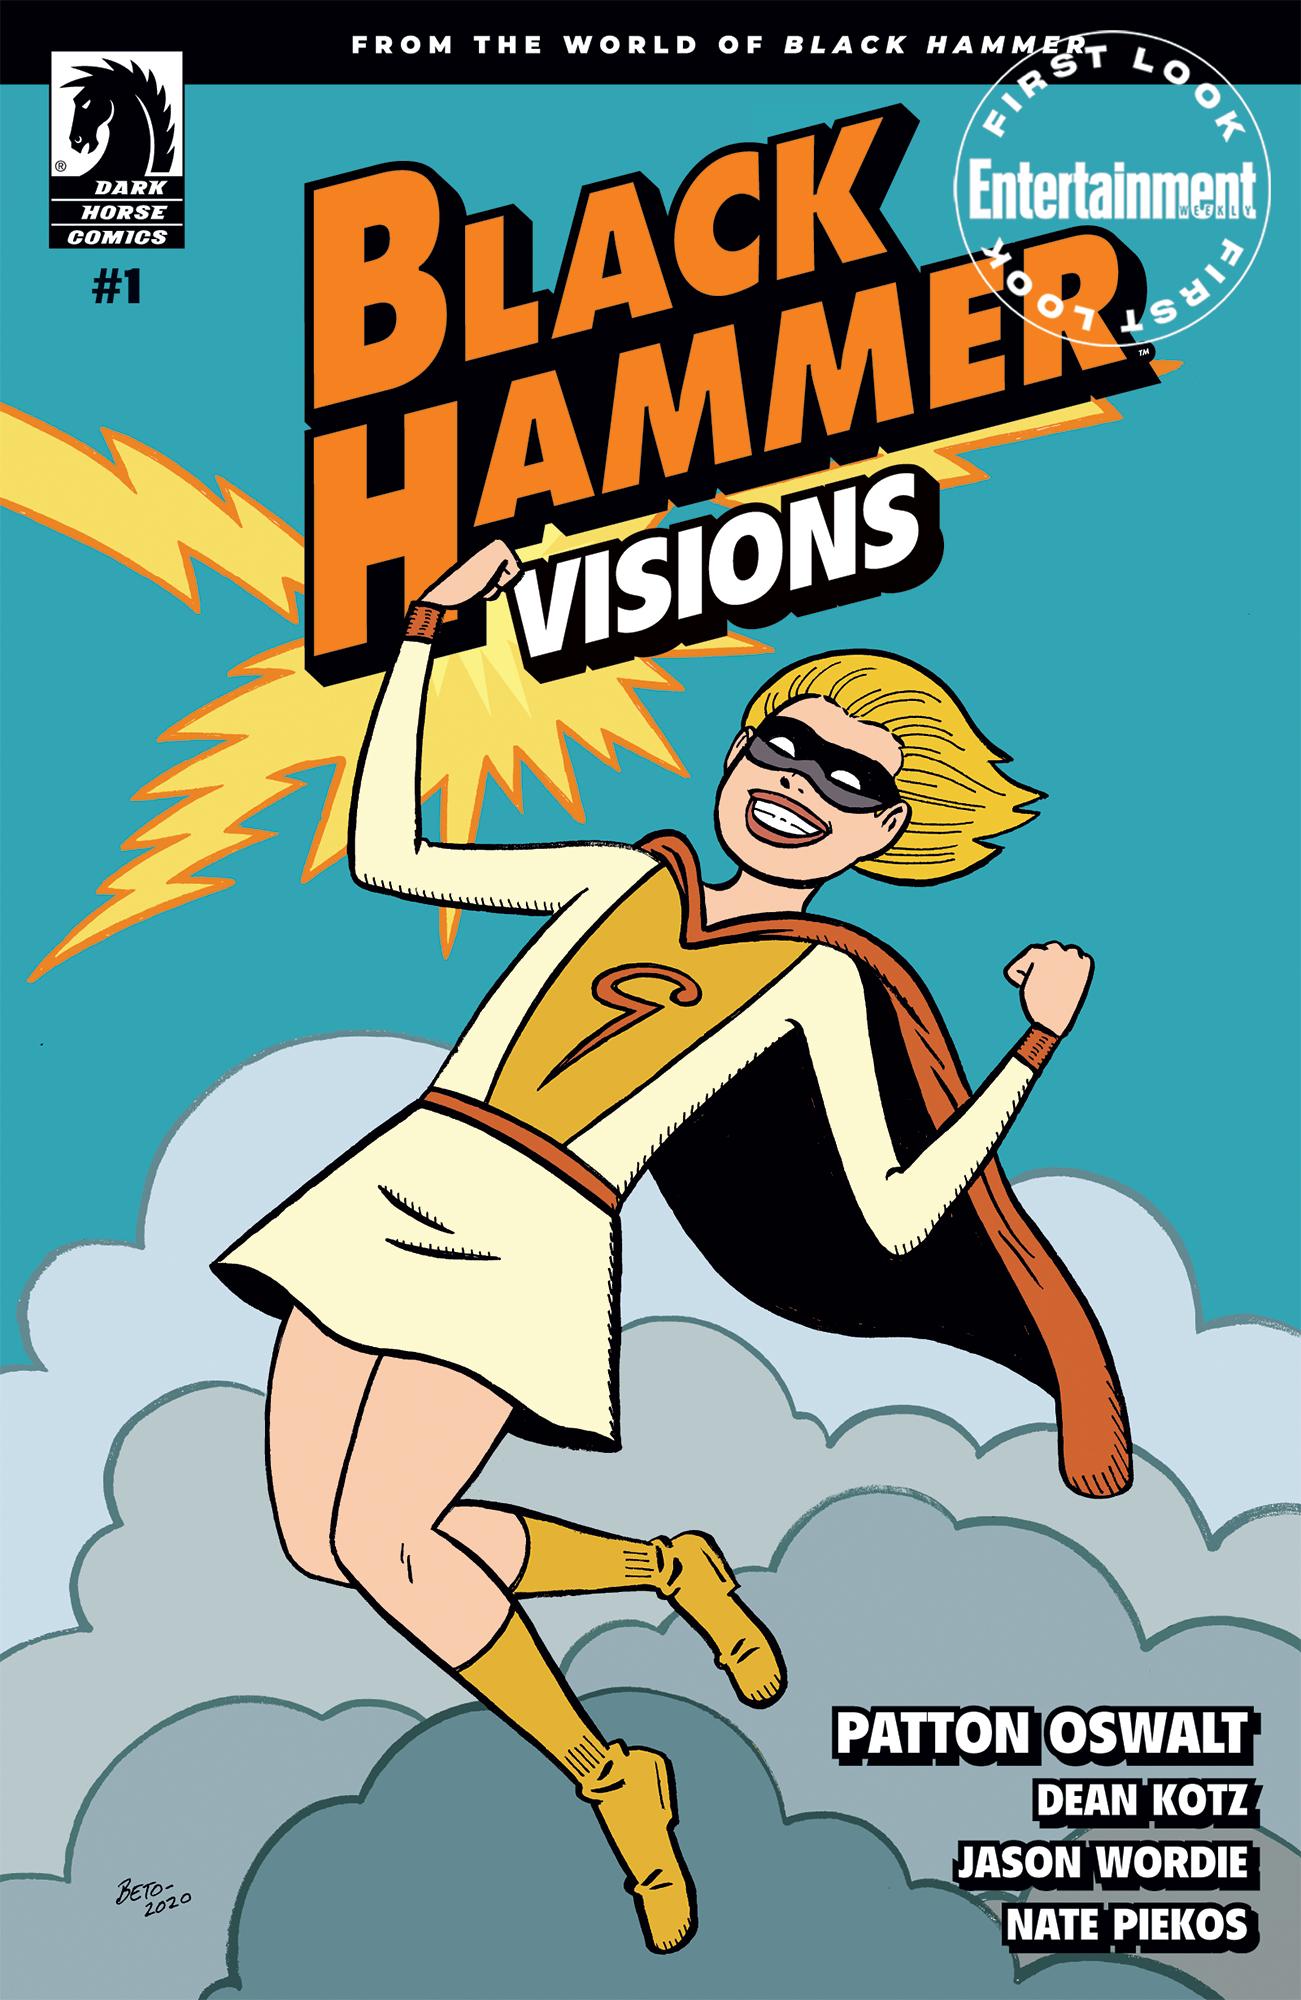 Black Hammer Visions